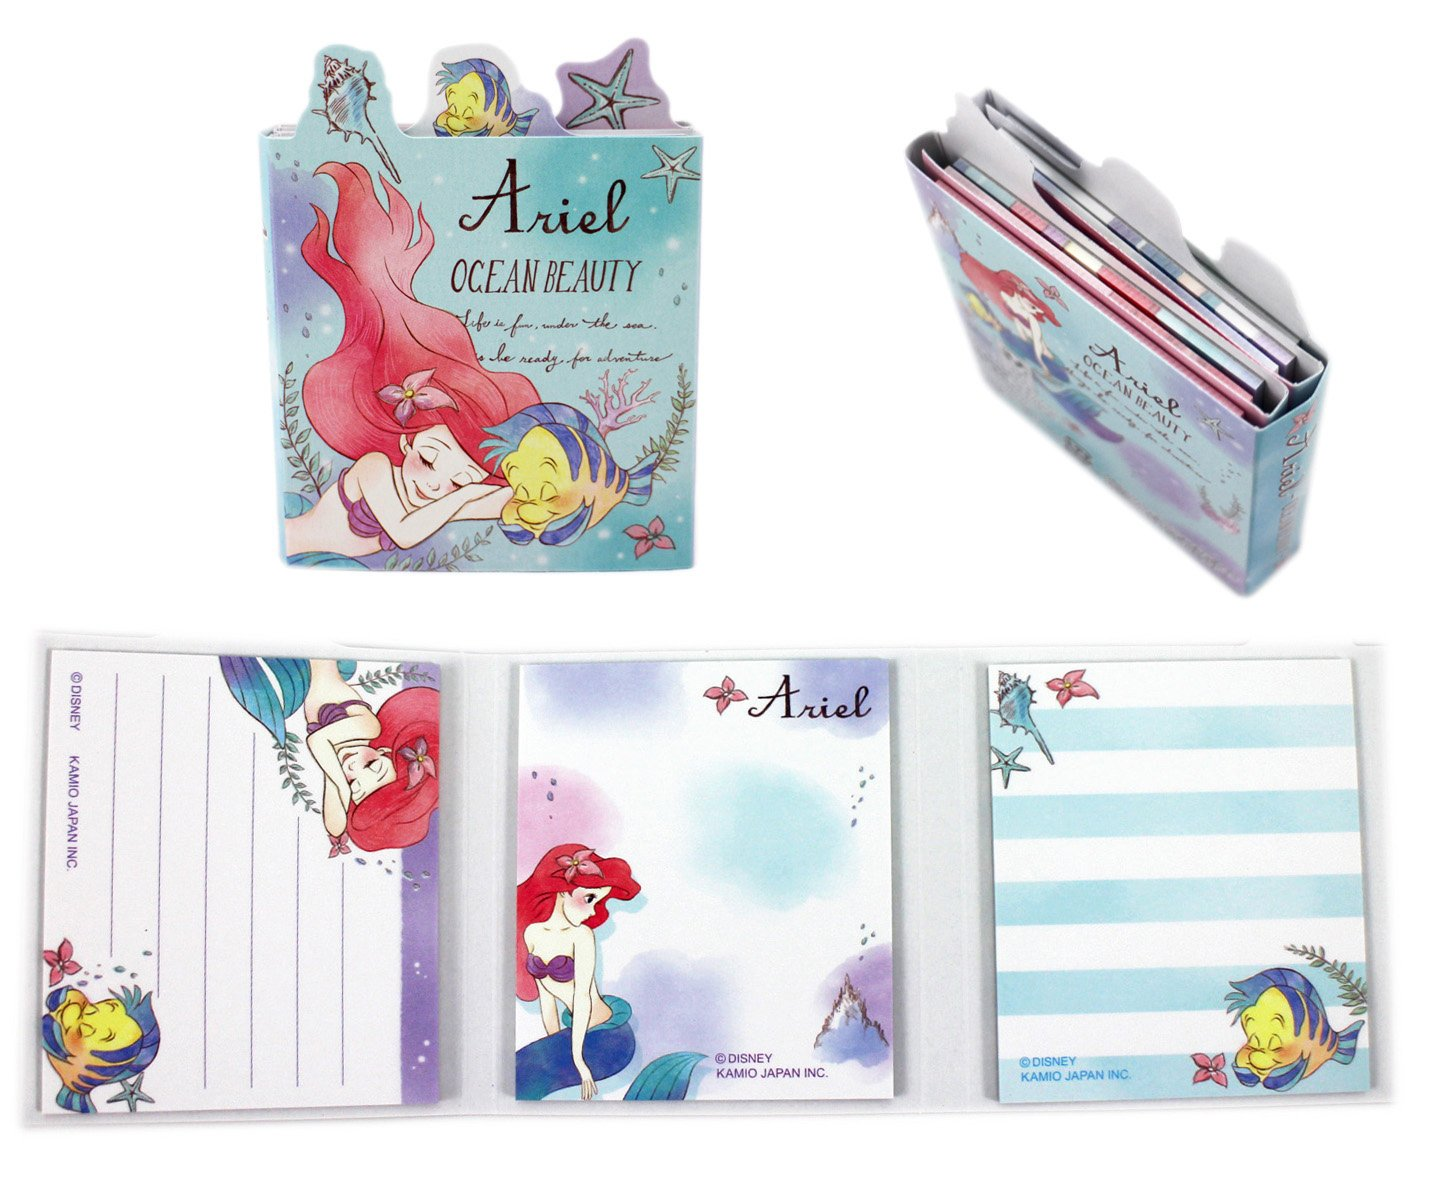 【卡漫迷】 小美人魚 六折 隨意貼 ㊣版 日製  便利貼 便條紙 Ariel 標籤貼 N次貼 Mermaid 愛麗兒